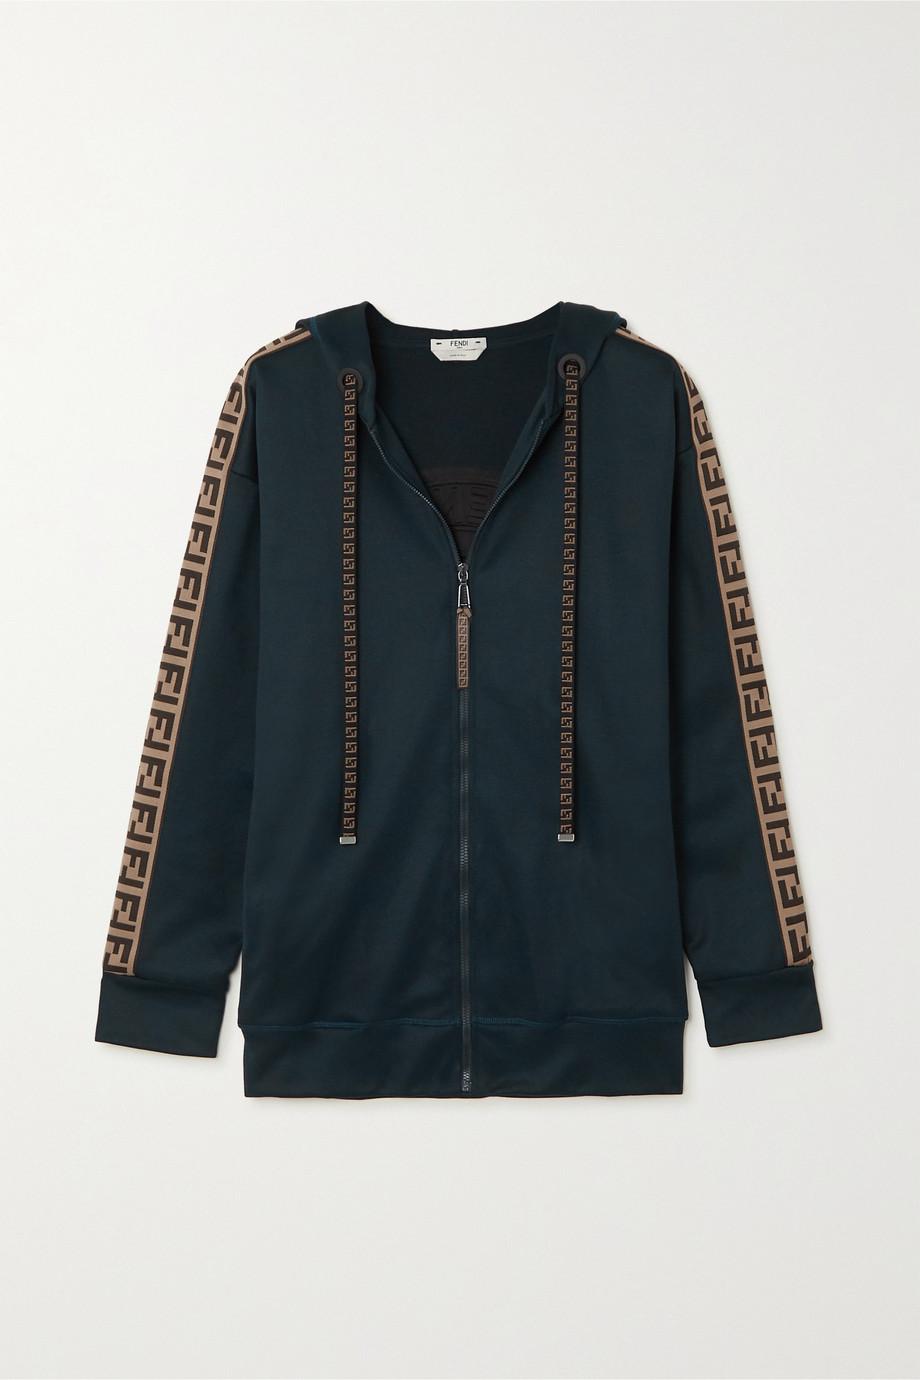 Fendi Veste de survêtement oversize en jersey à finitions en jacquard